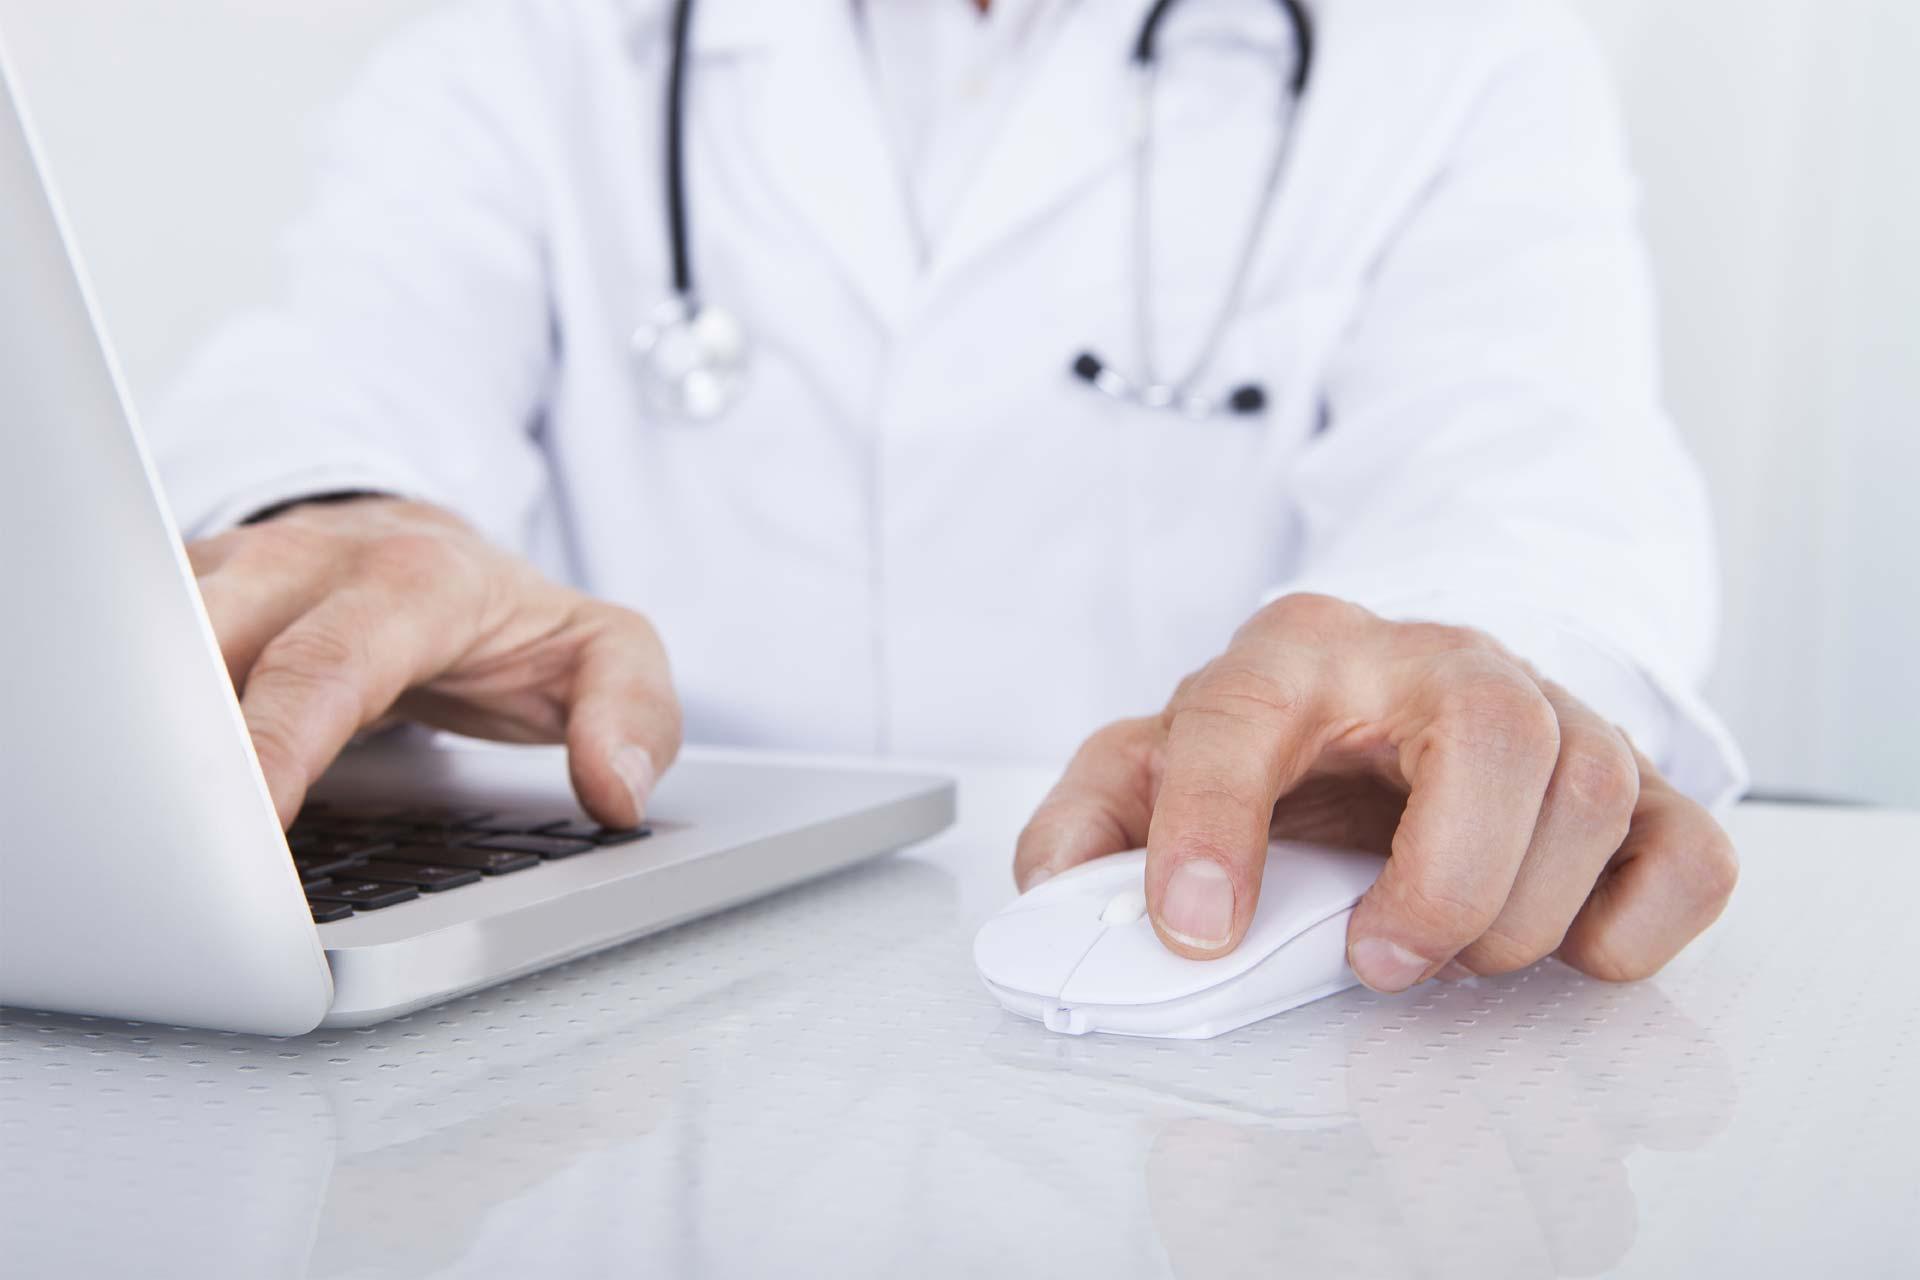 La web, recientemente lanzada, permite a usuarios encontrar a profesionales en medicina acorde a sus necesidades